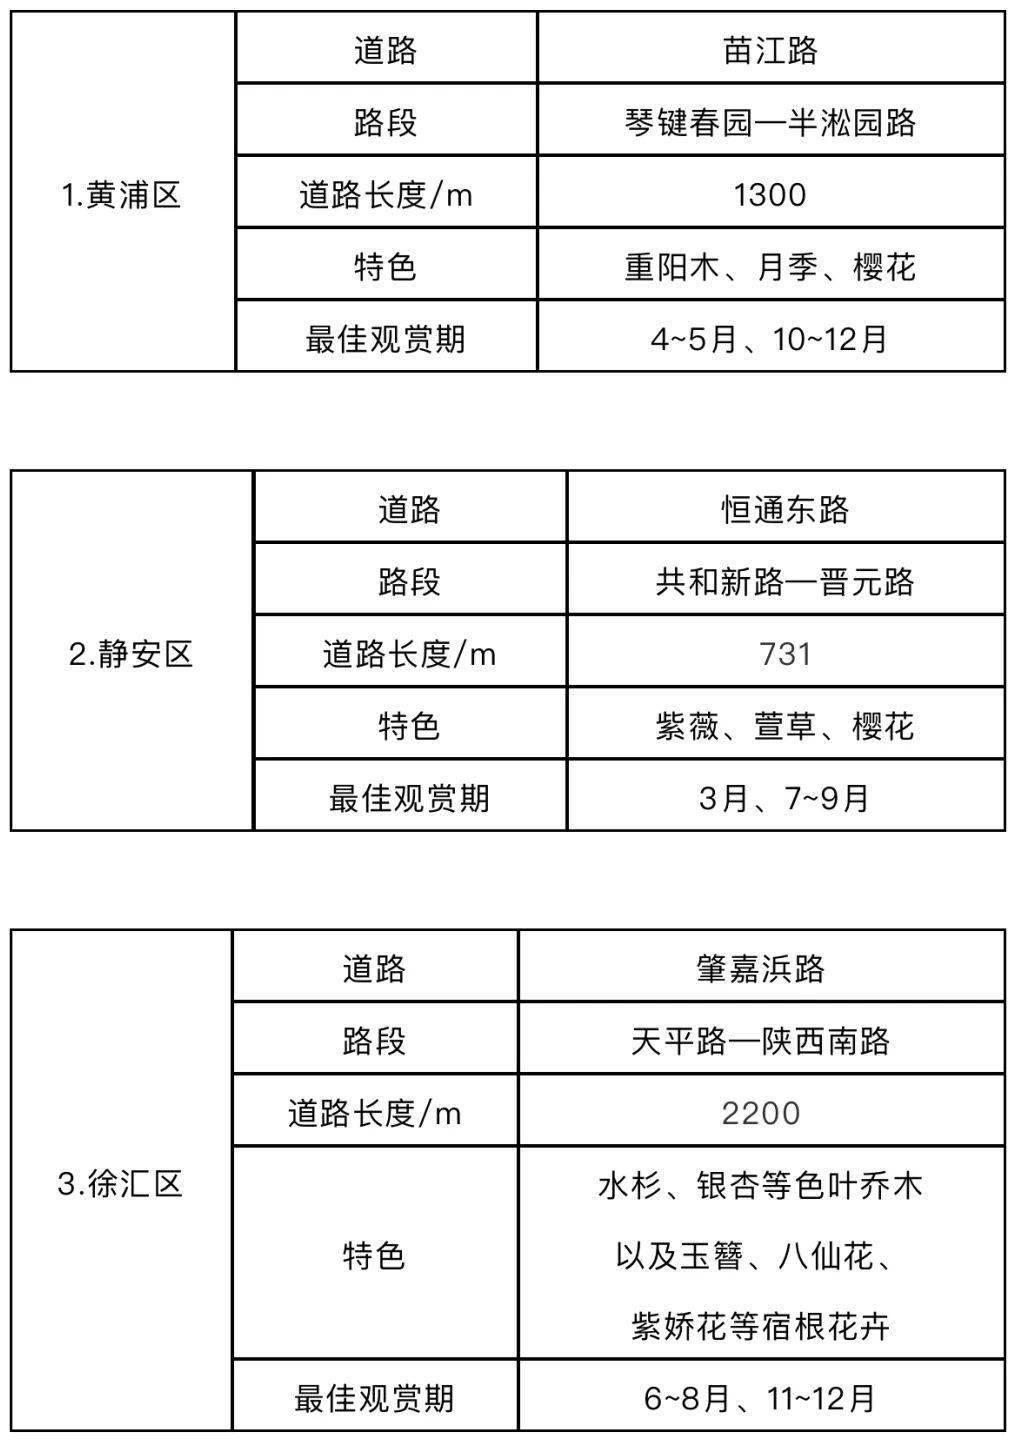 沪今年绿化特色道路评选结果公示!找找你家附近有没有→